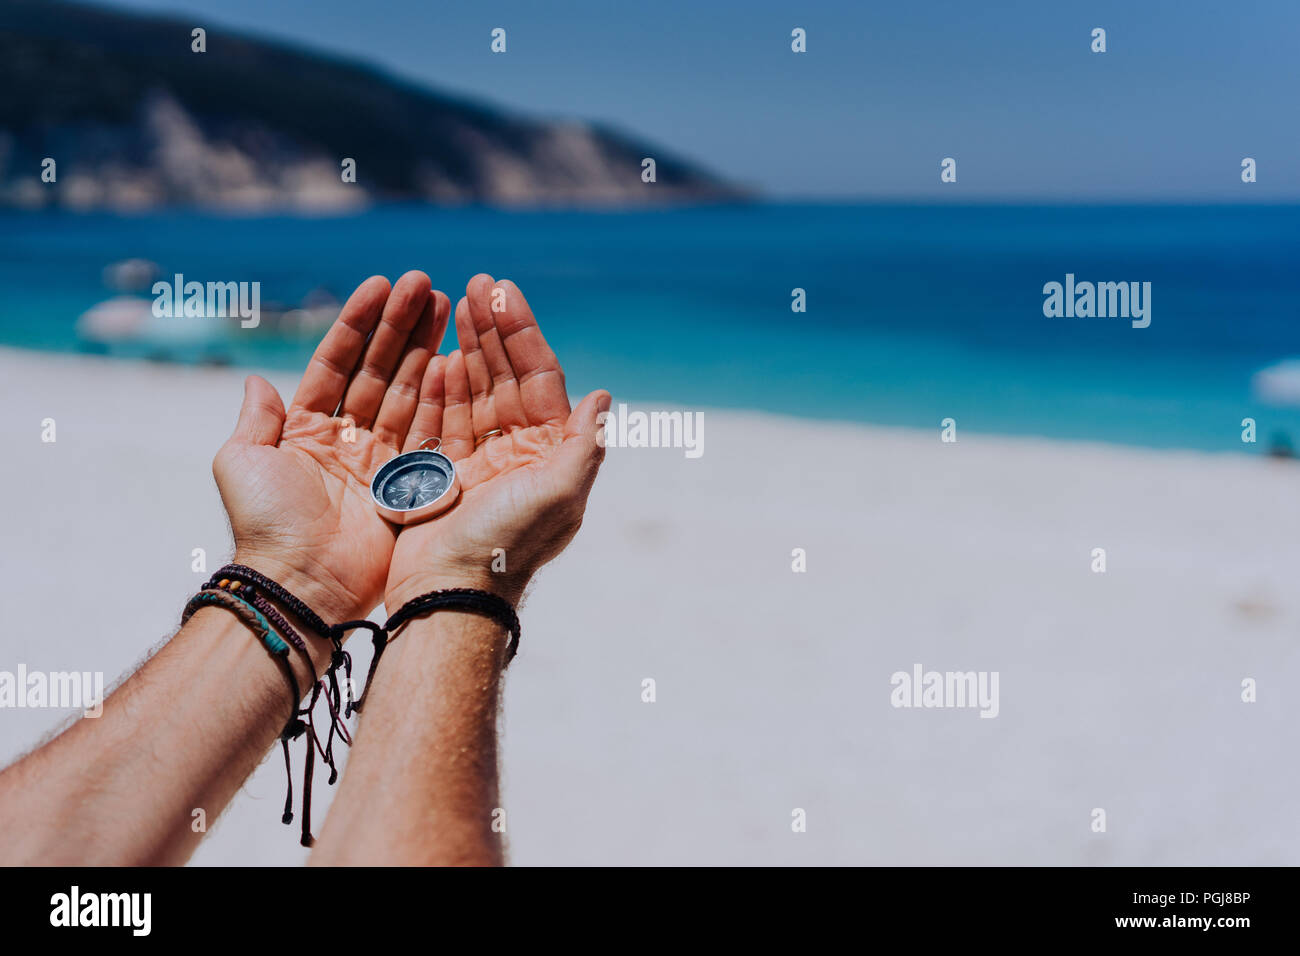 Main ouverte paume holding metal boussole contre sable et mer bleue. Vous cherchez votre chemin concept. Pov point de vue Photo Stock